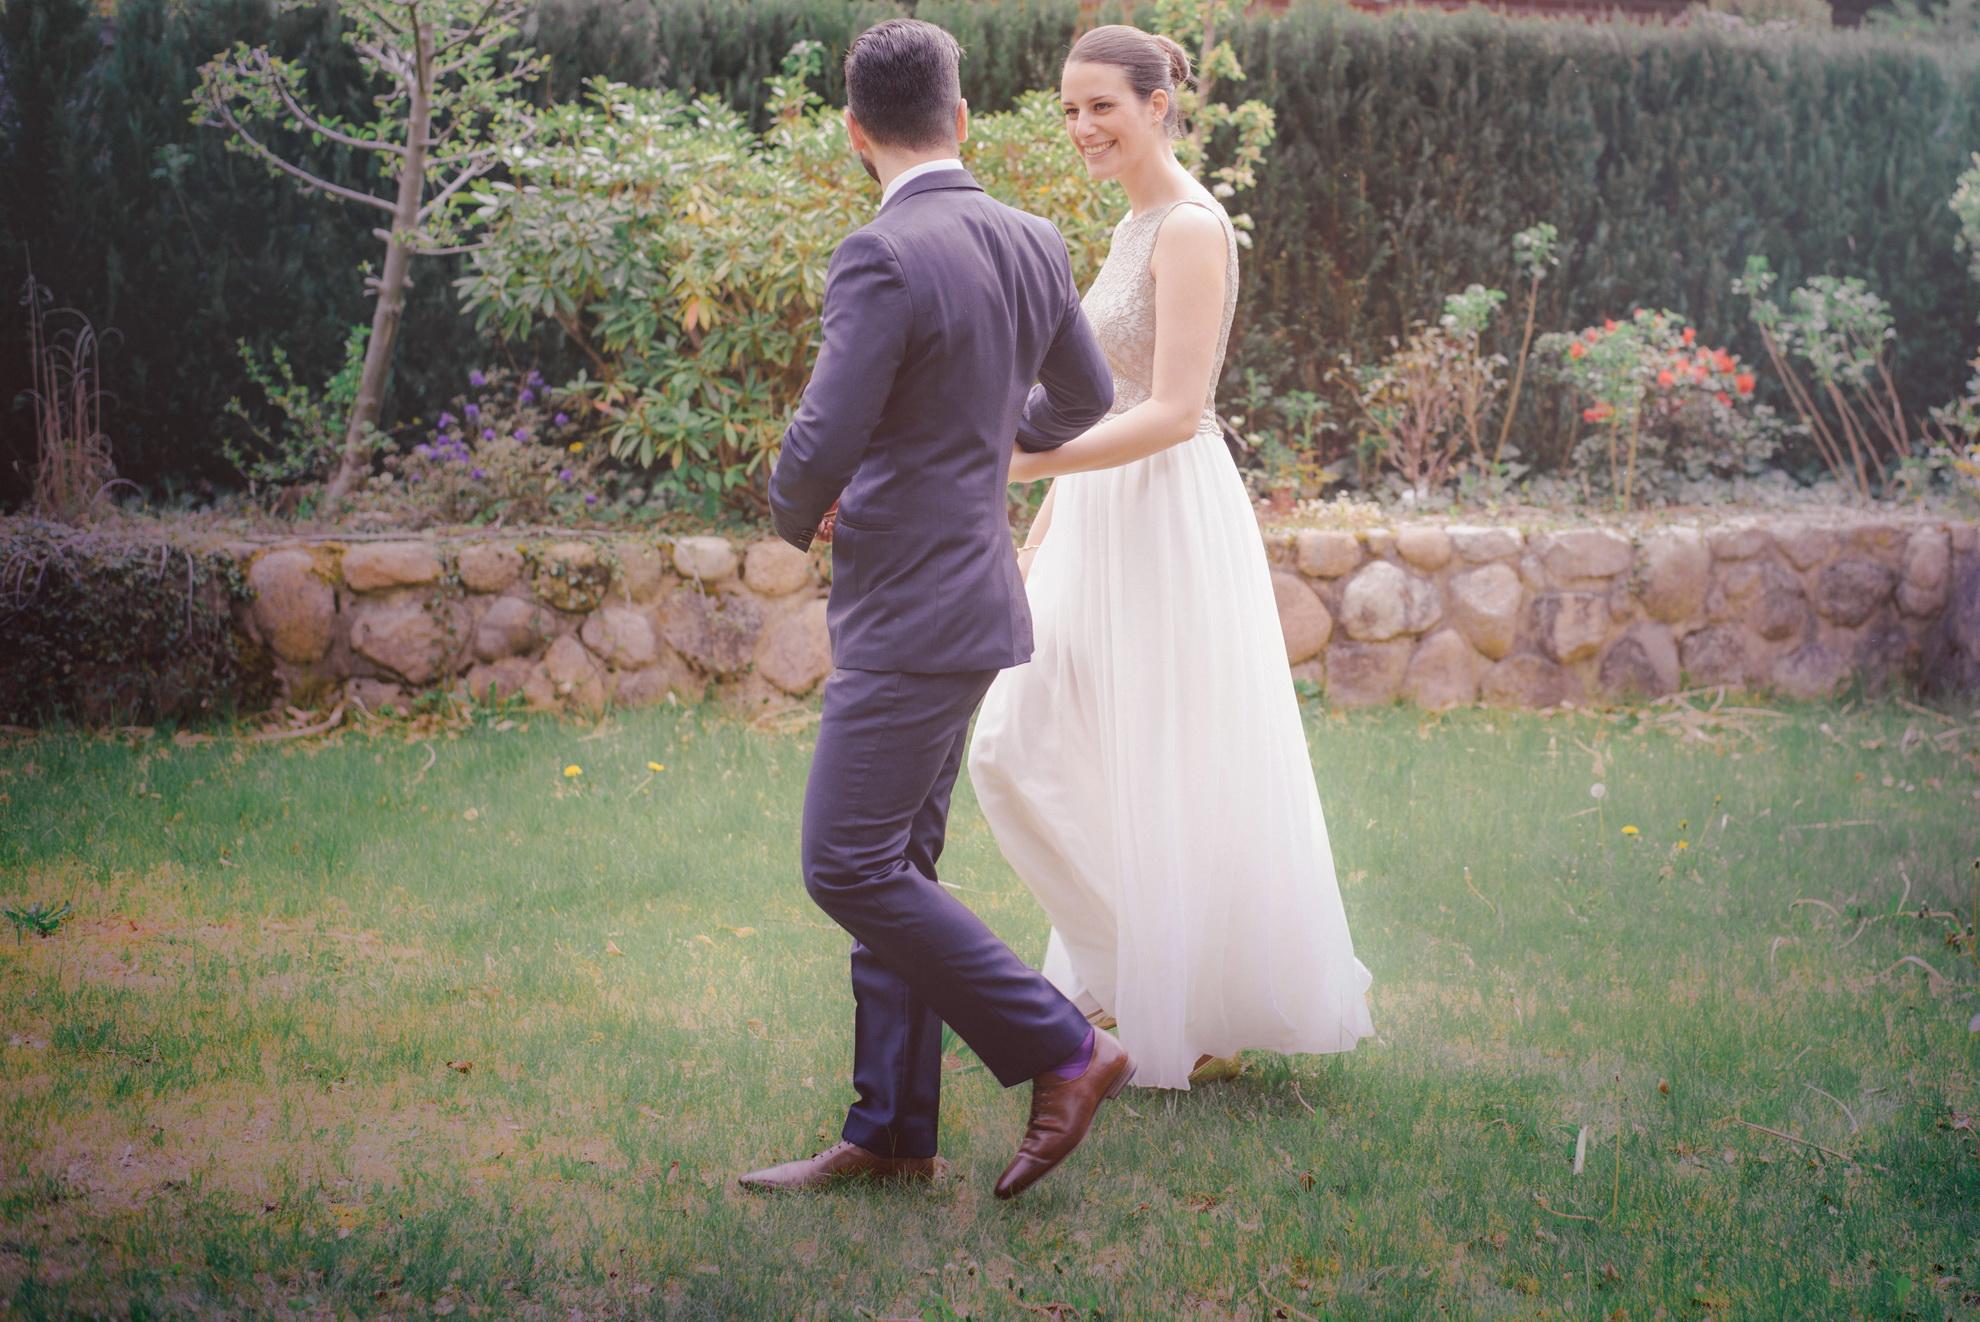 Lena und Bertan 28 Wedding Hochzeit Couple Paar Liebe Claudia Sittig Photography G1980-1322